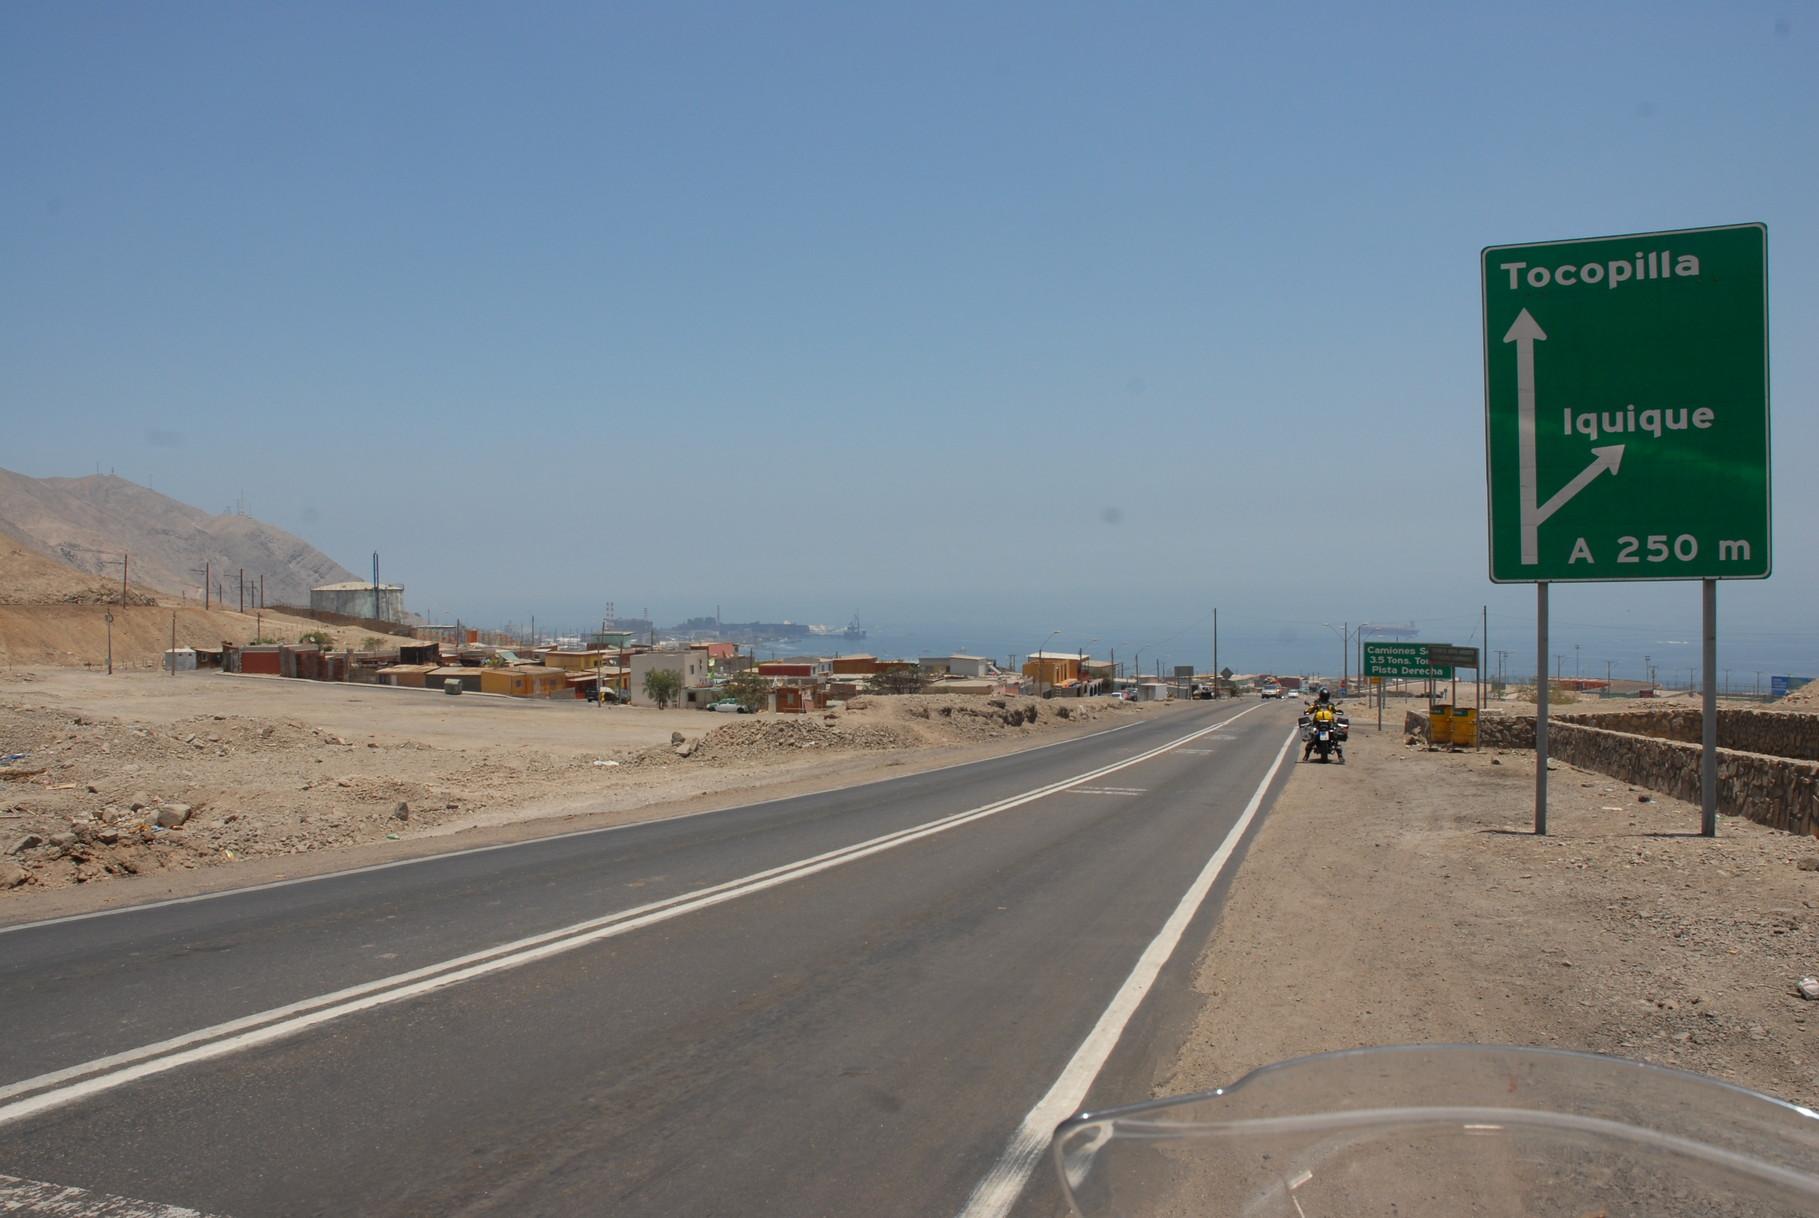 ... bogen wir rechts nach Iquique ab